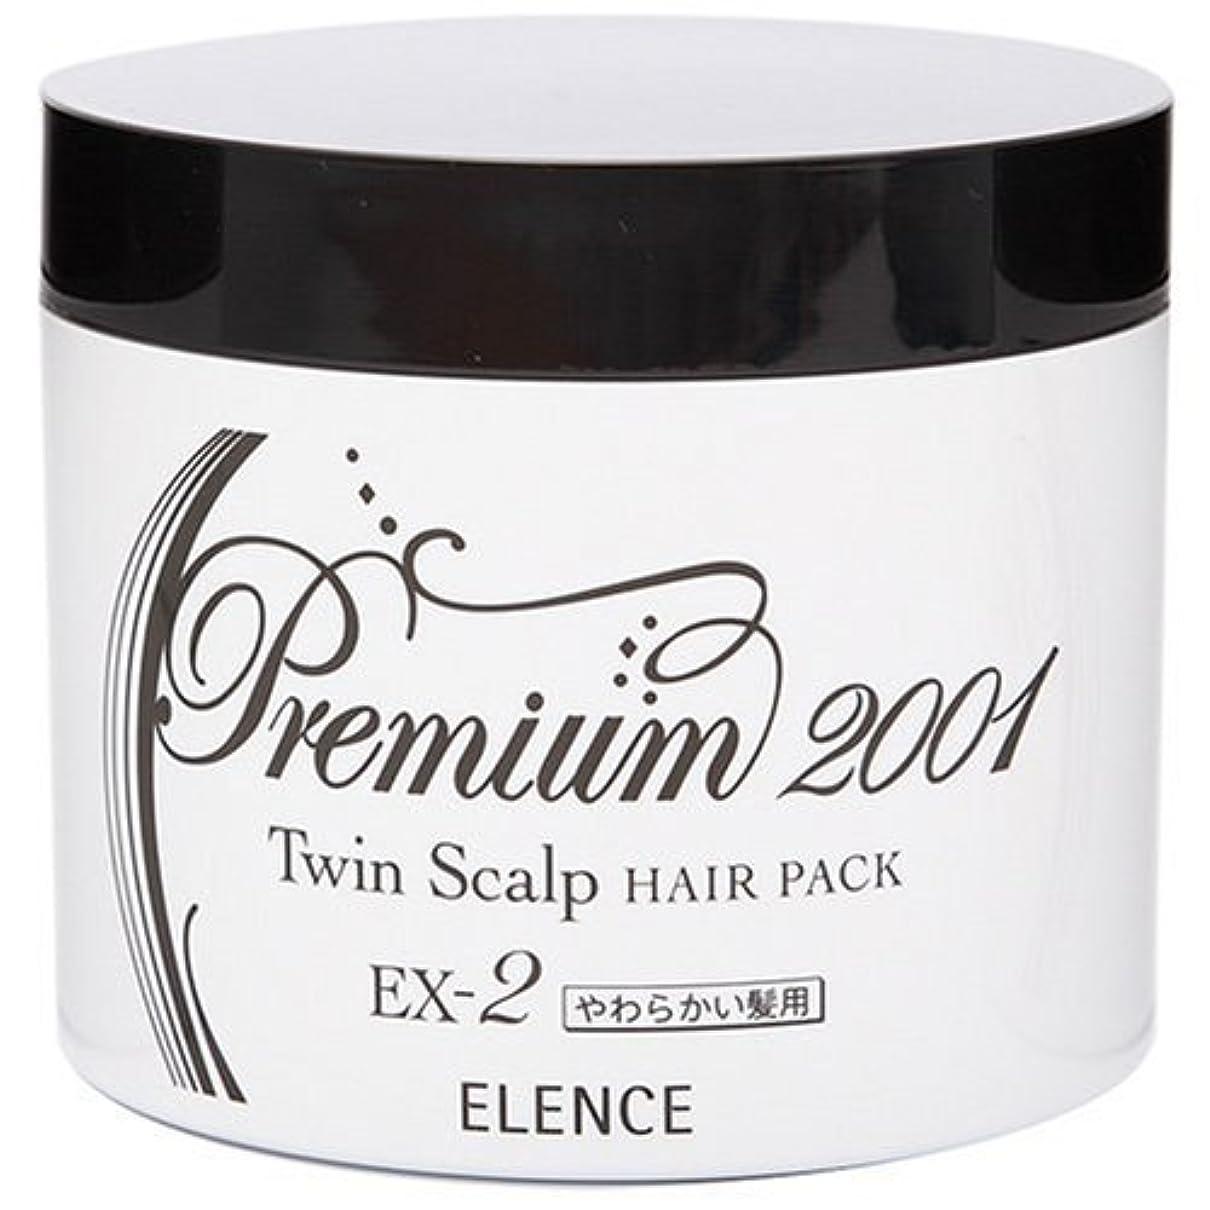 すべて治すコンピューターエレンス2001 ツインスキャルプヘアパックEX-2(やわらかい髪用)